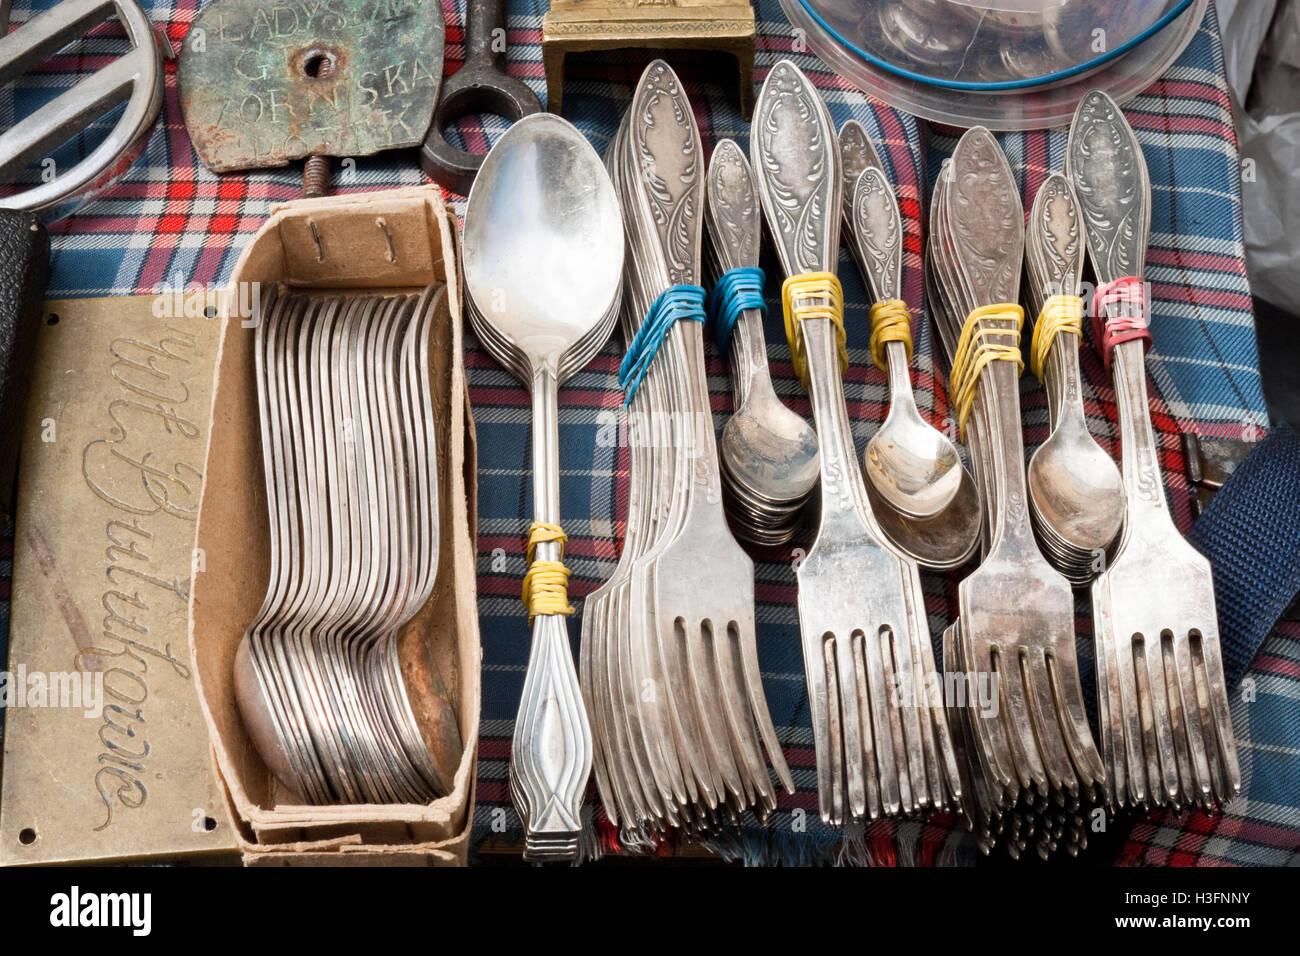 Lviv, Ukraine - 12. Juli 2015: Vintage Besteck für den Verkauf auf einem Flohmarkt. Stockbild